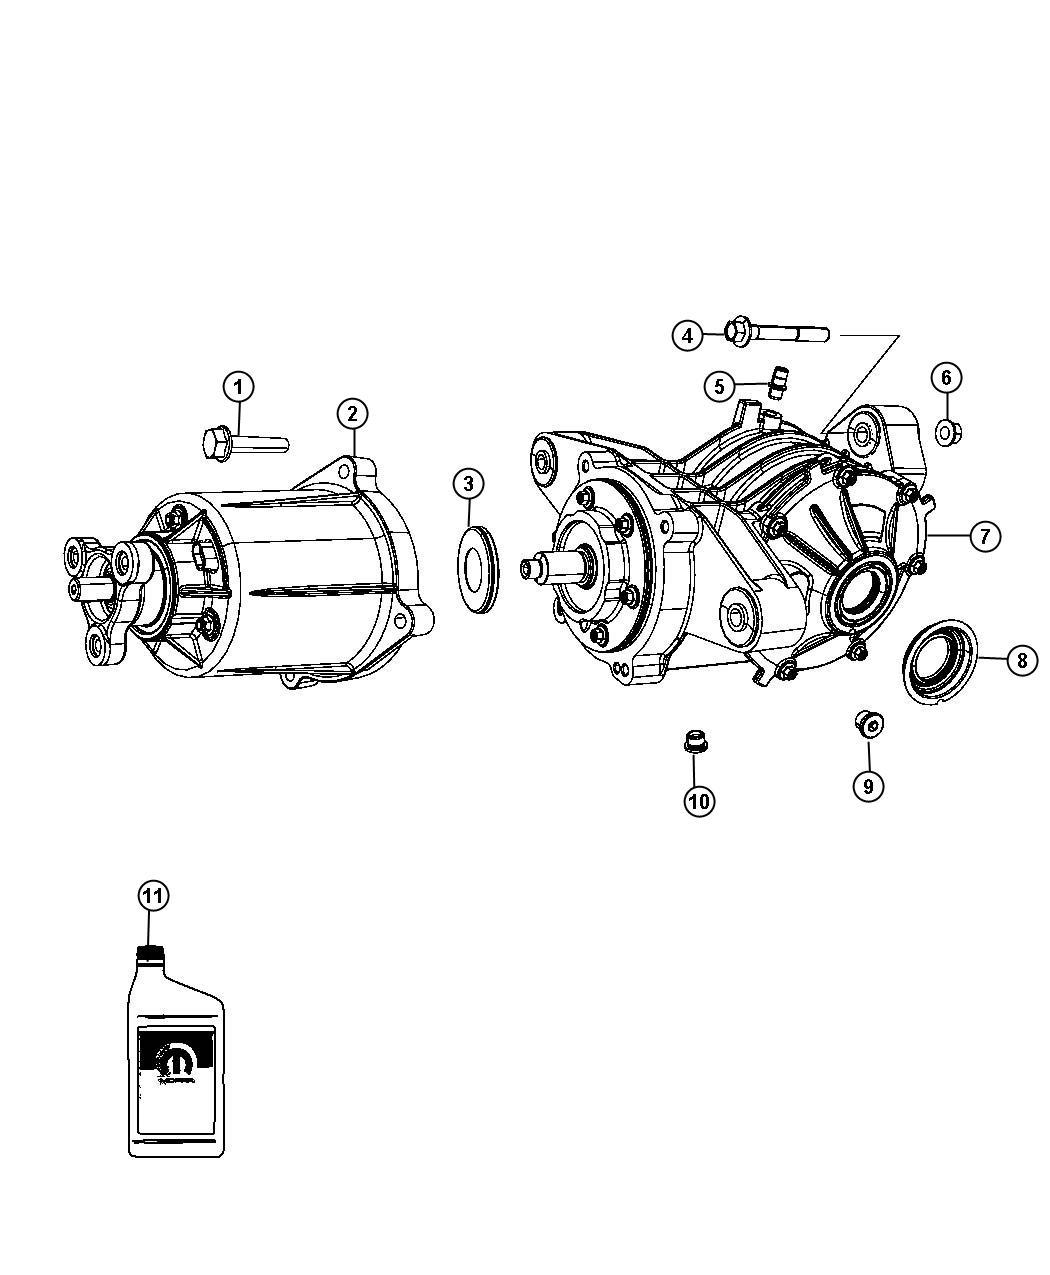 2010 Dodge Journey Bdorc/viscous unit kit. Rear axle